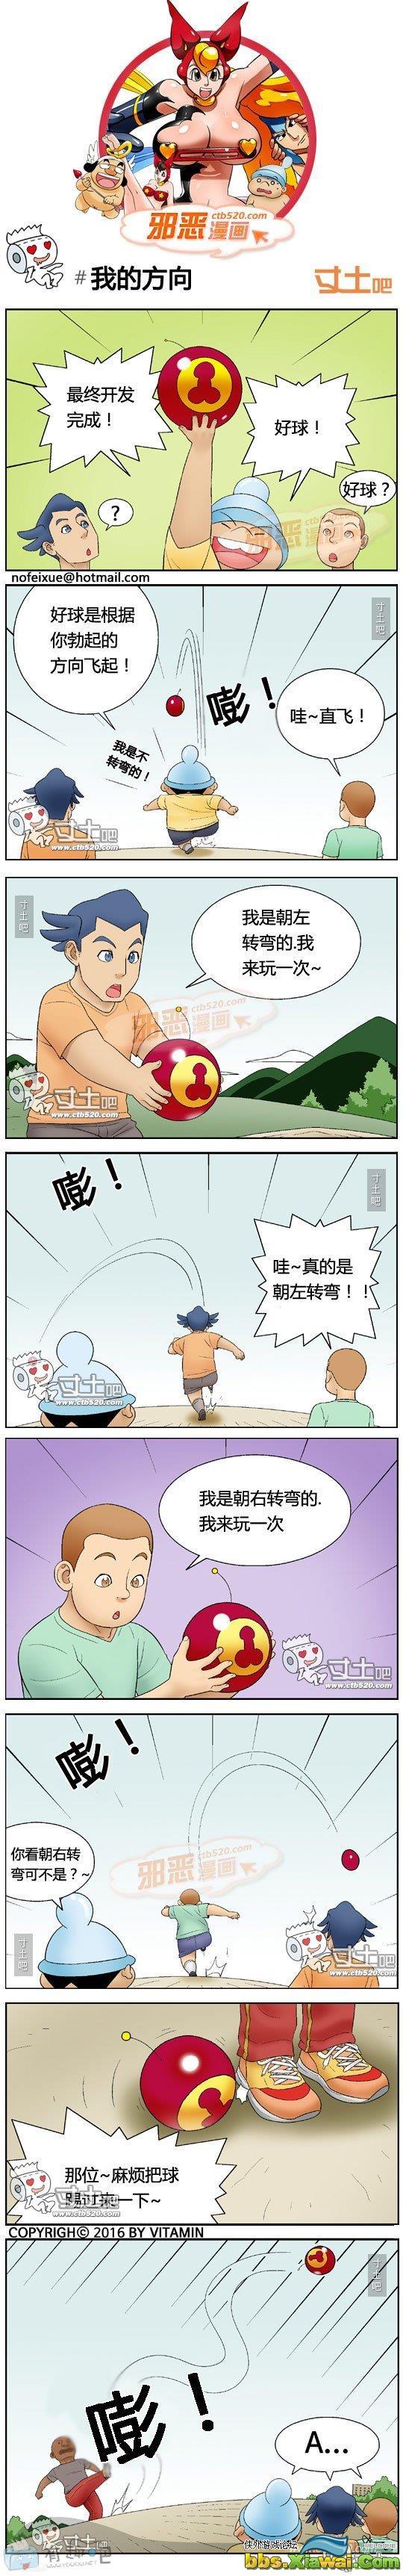 邪恶漫画:我的方向